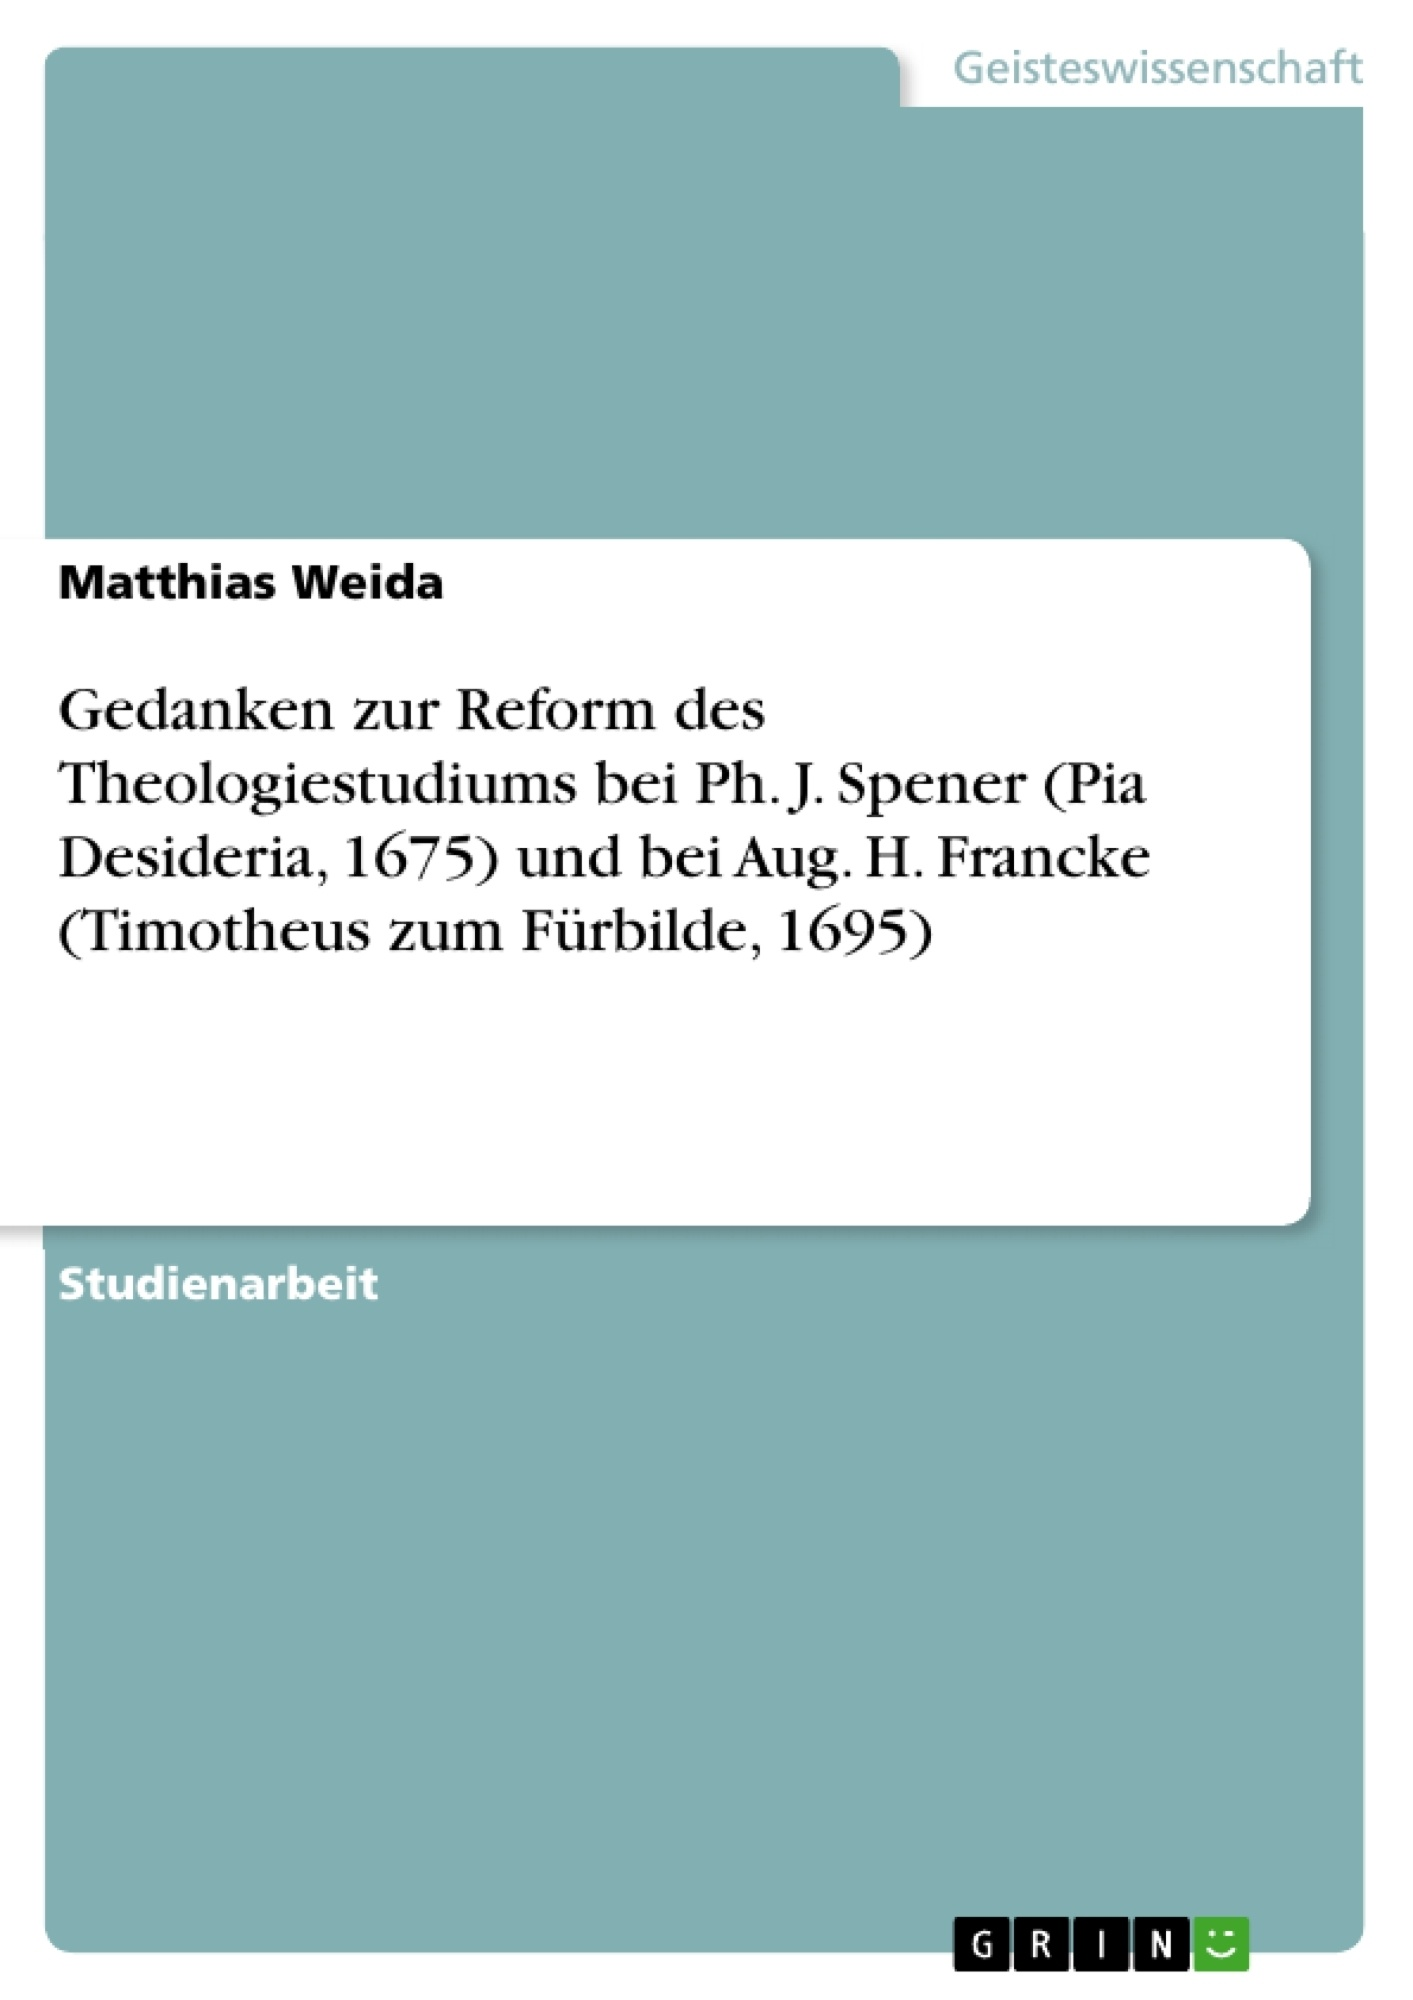 Titel: Gedanken zur Reform des Theologiestudiums bei Ph. J. Spener (Pia Desideria, 1675) und bei Aug. H. Francke (Timotheus zum Fürbilde, 1695)